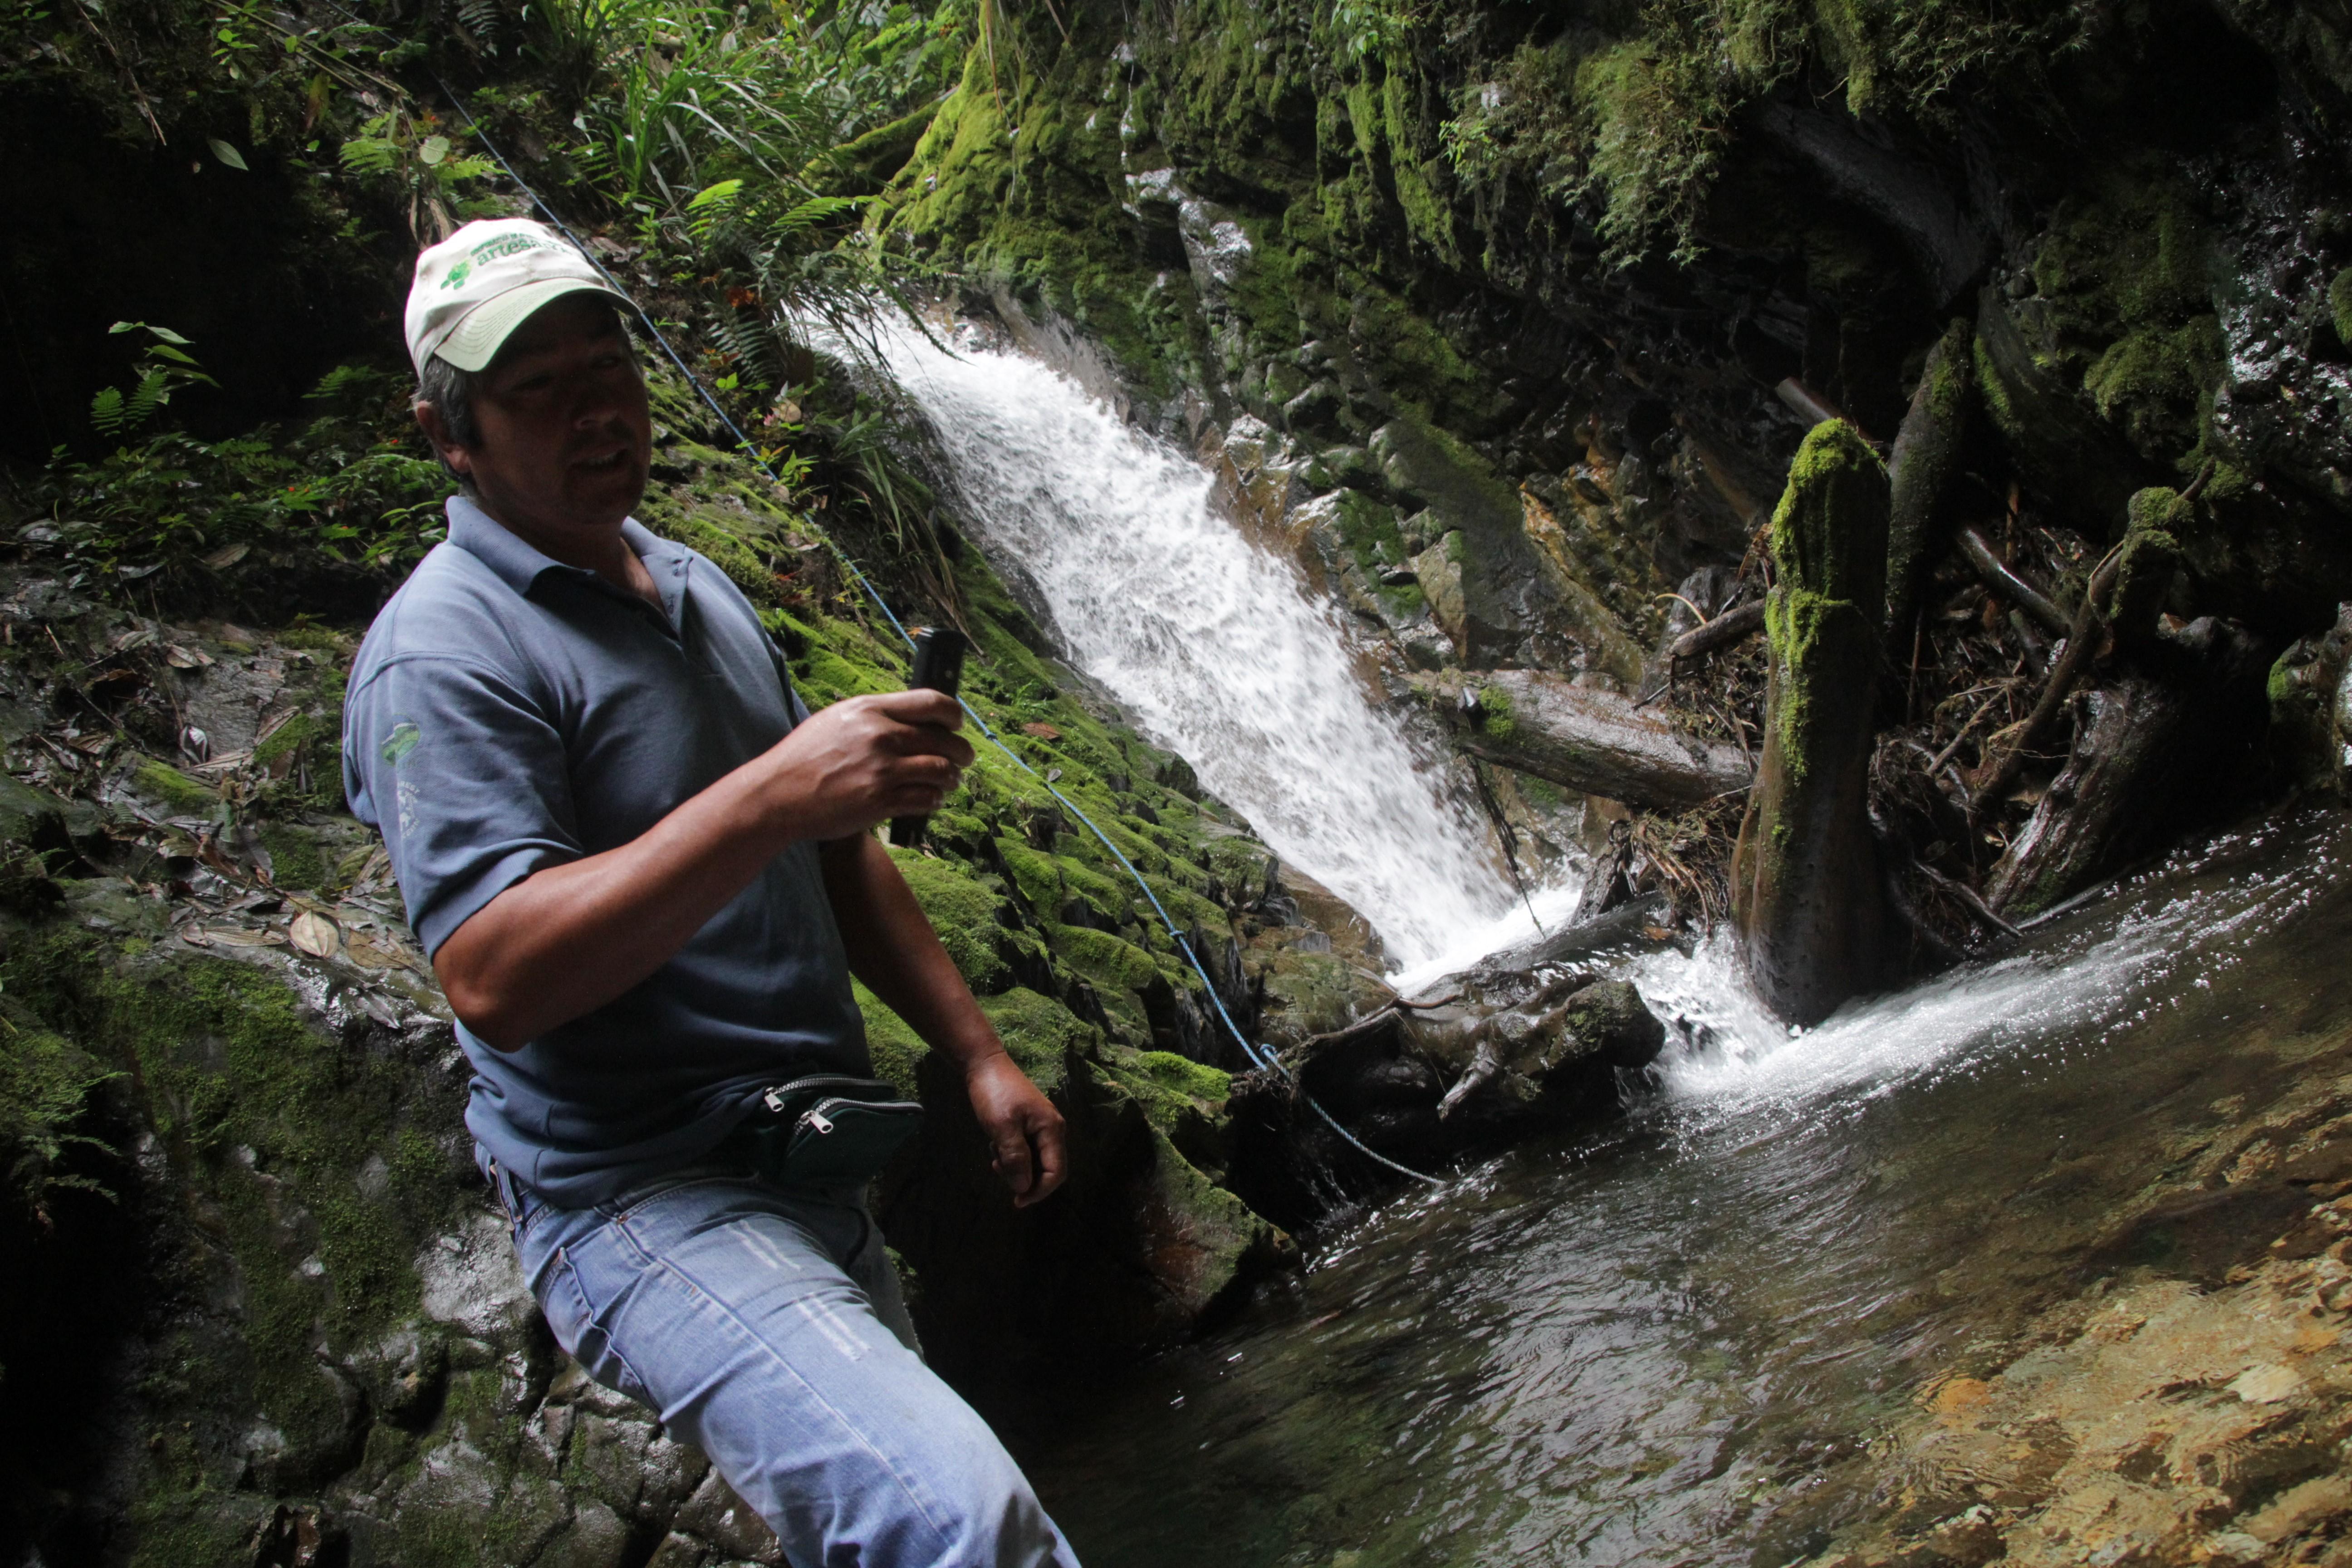 Depuis un an, les activistes anti-mine enregistrent la qualité de l'eau dans la réserve. Ils récoltent la preuve que le projet pollue l'environnement (© Jérôme Decoster).